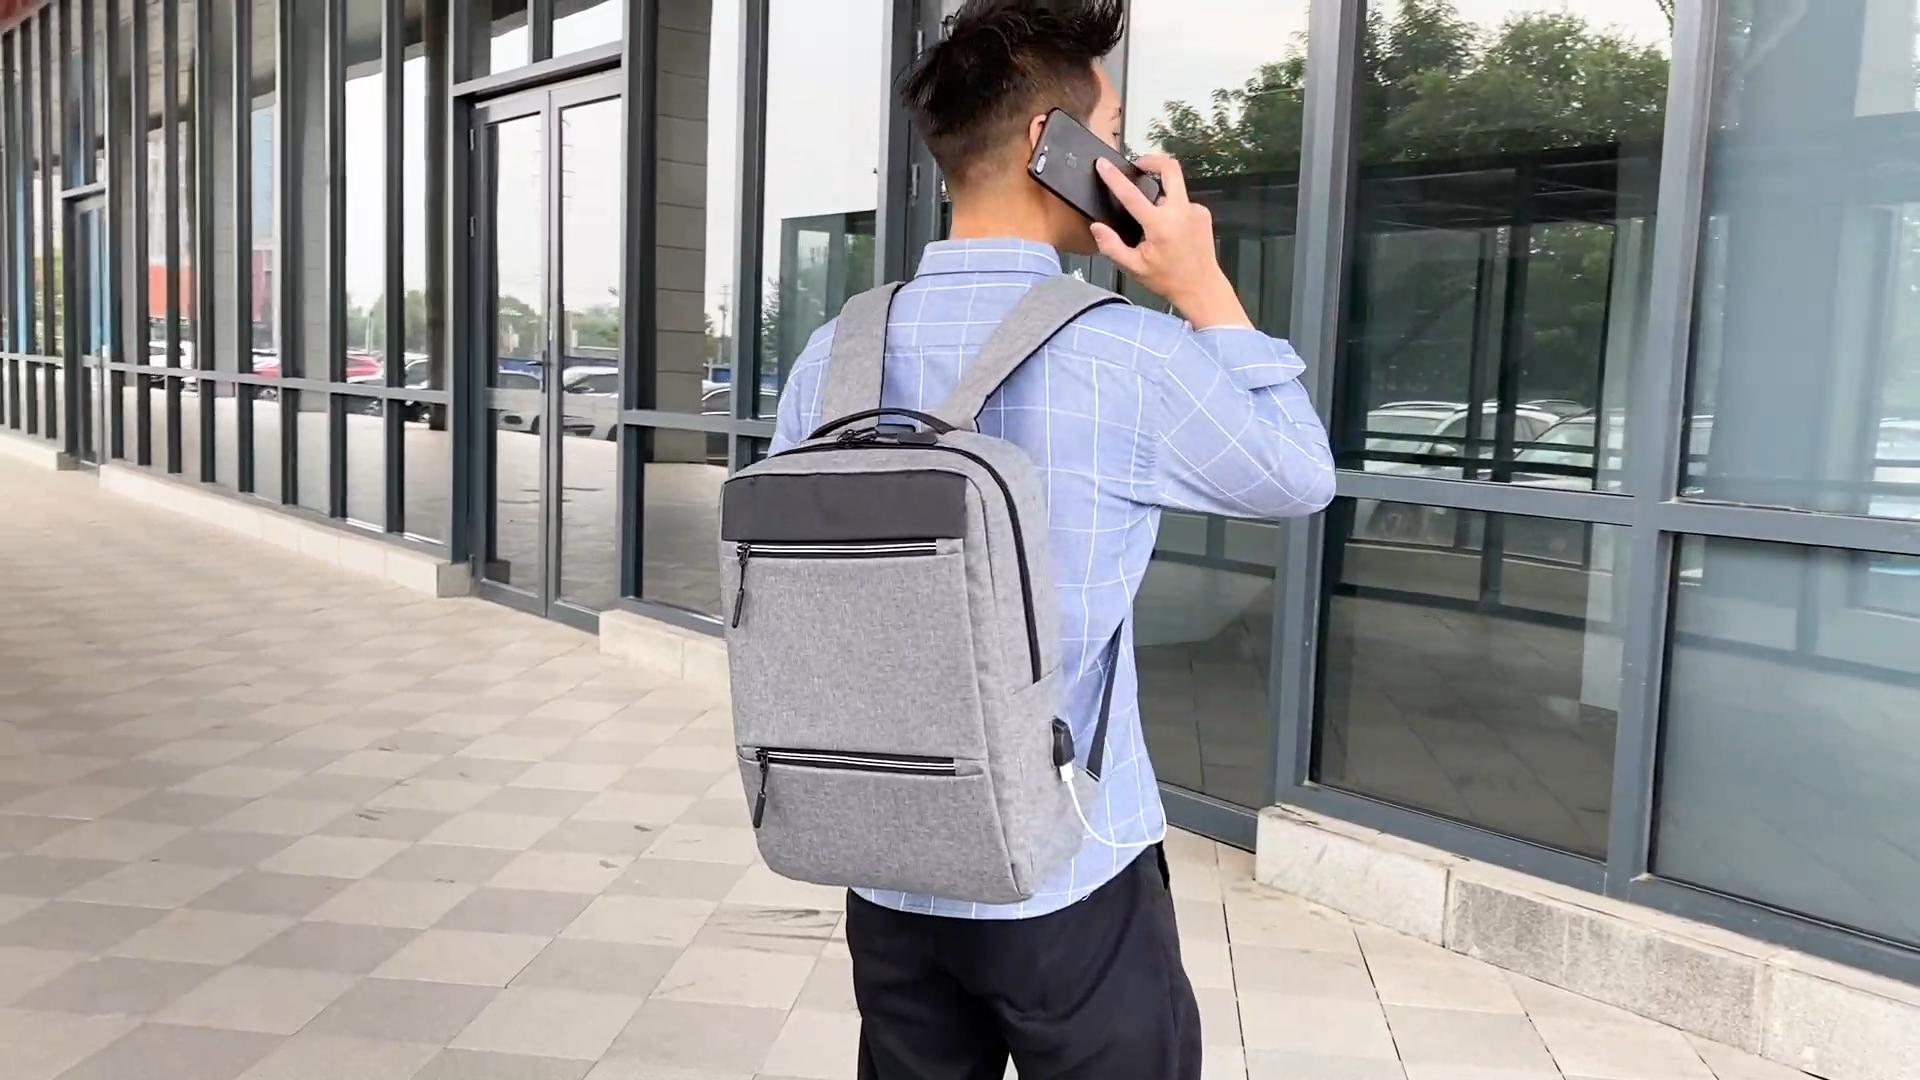 थोक यात्रा बैग कस्टम लोगो पुरुषों और महिलाओं के व्यापार यूएसबी लैपटॉप बैग